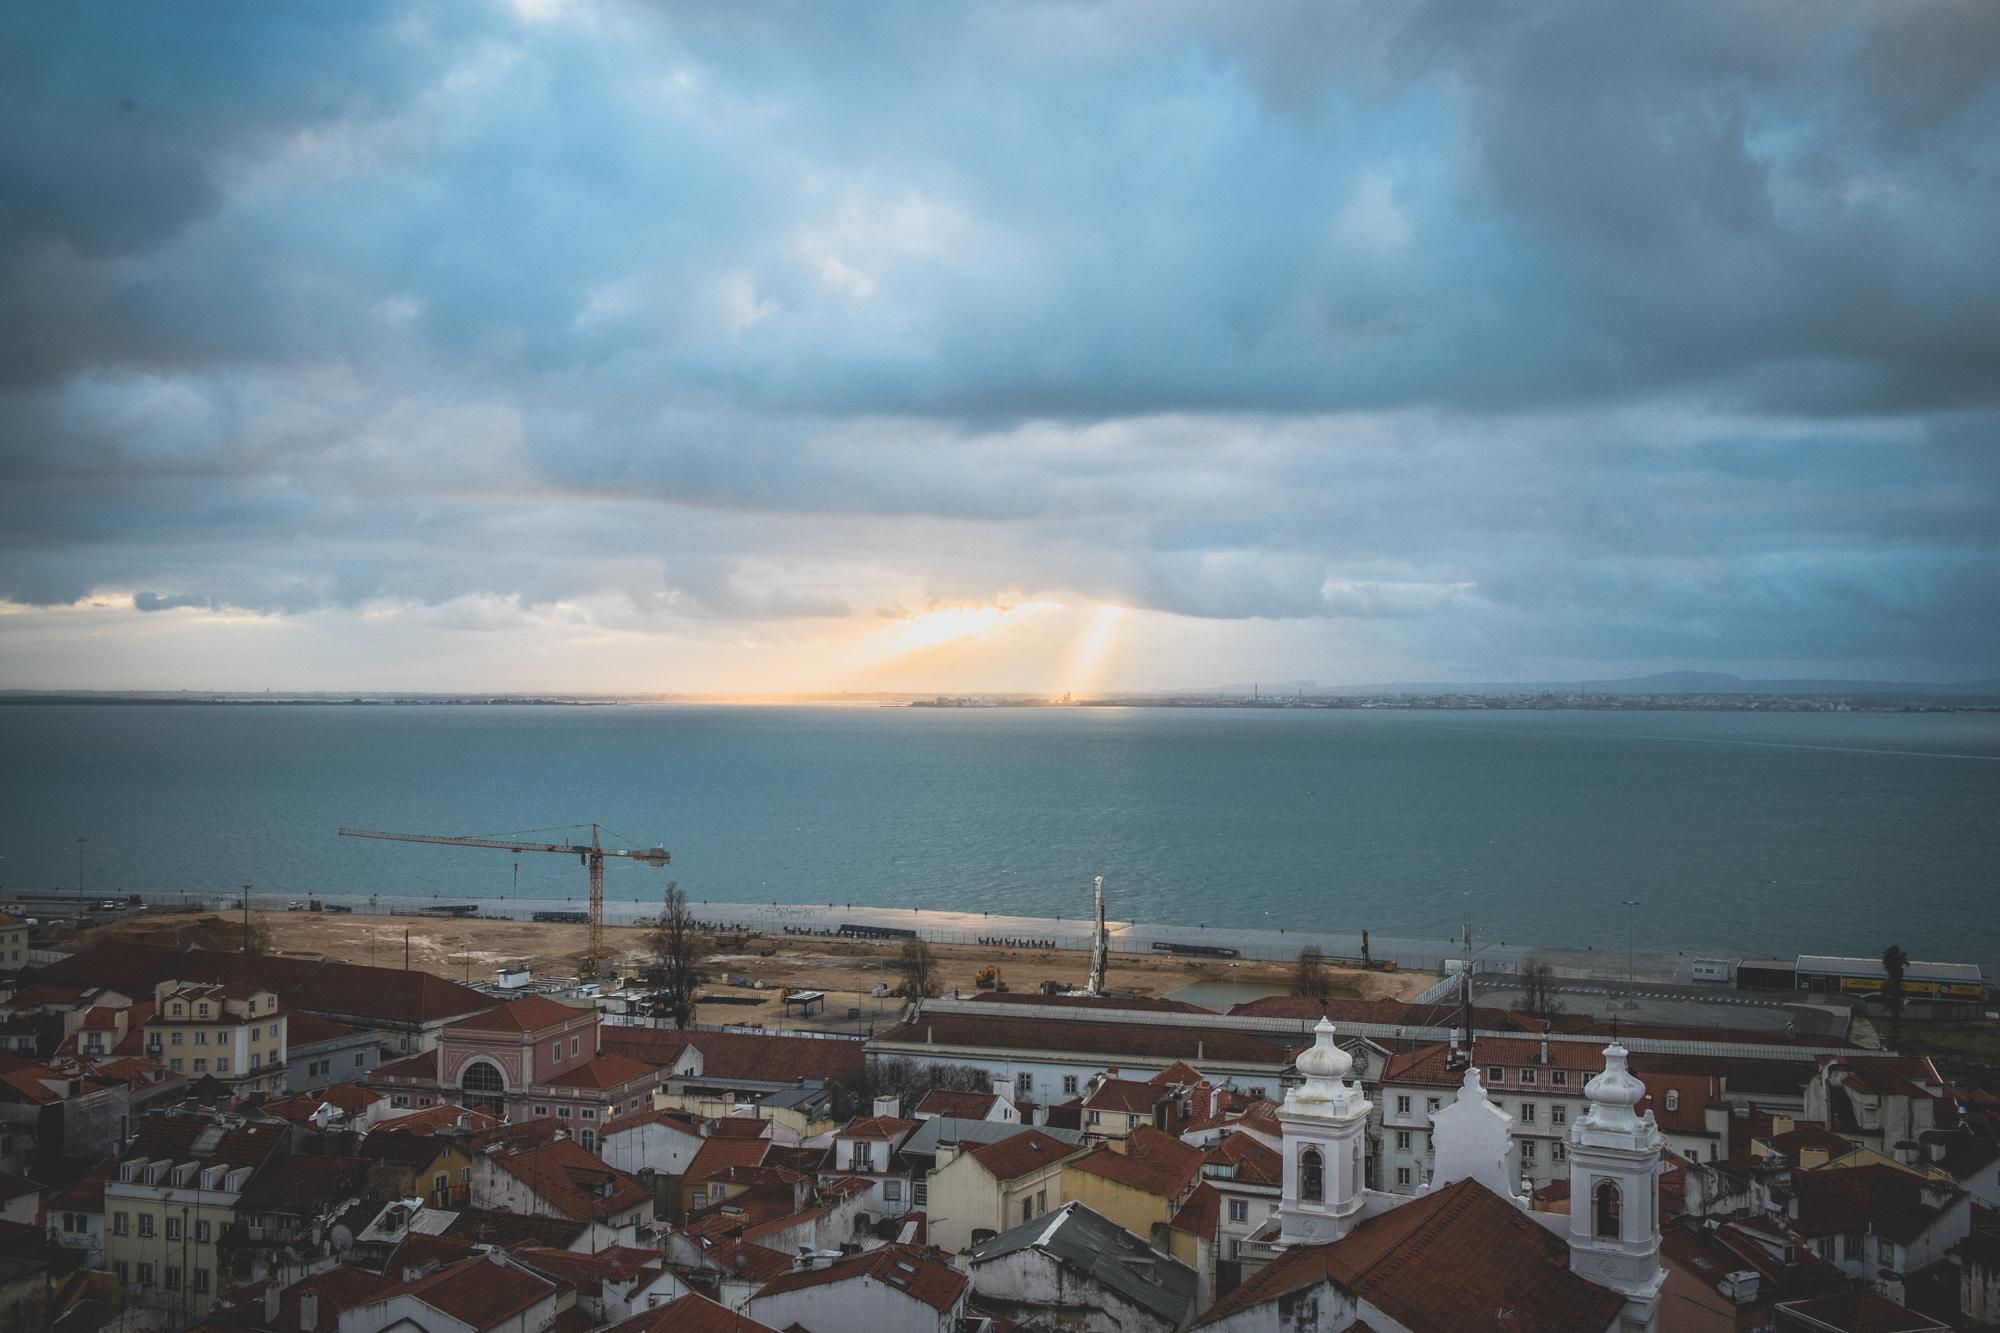 Sunrise in Lisbon